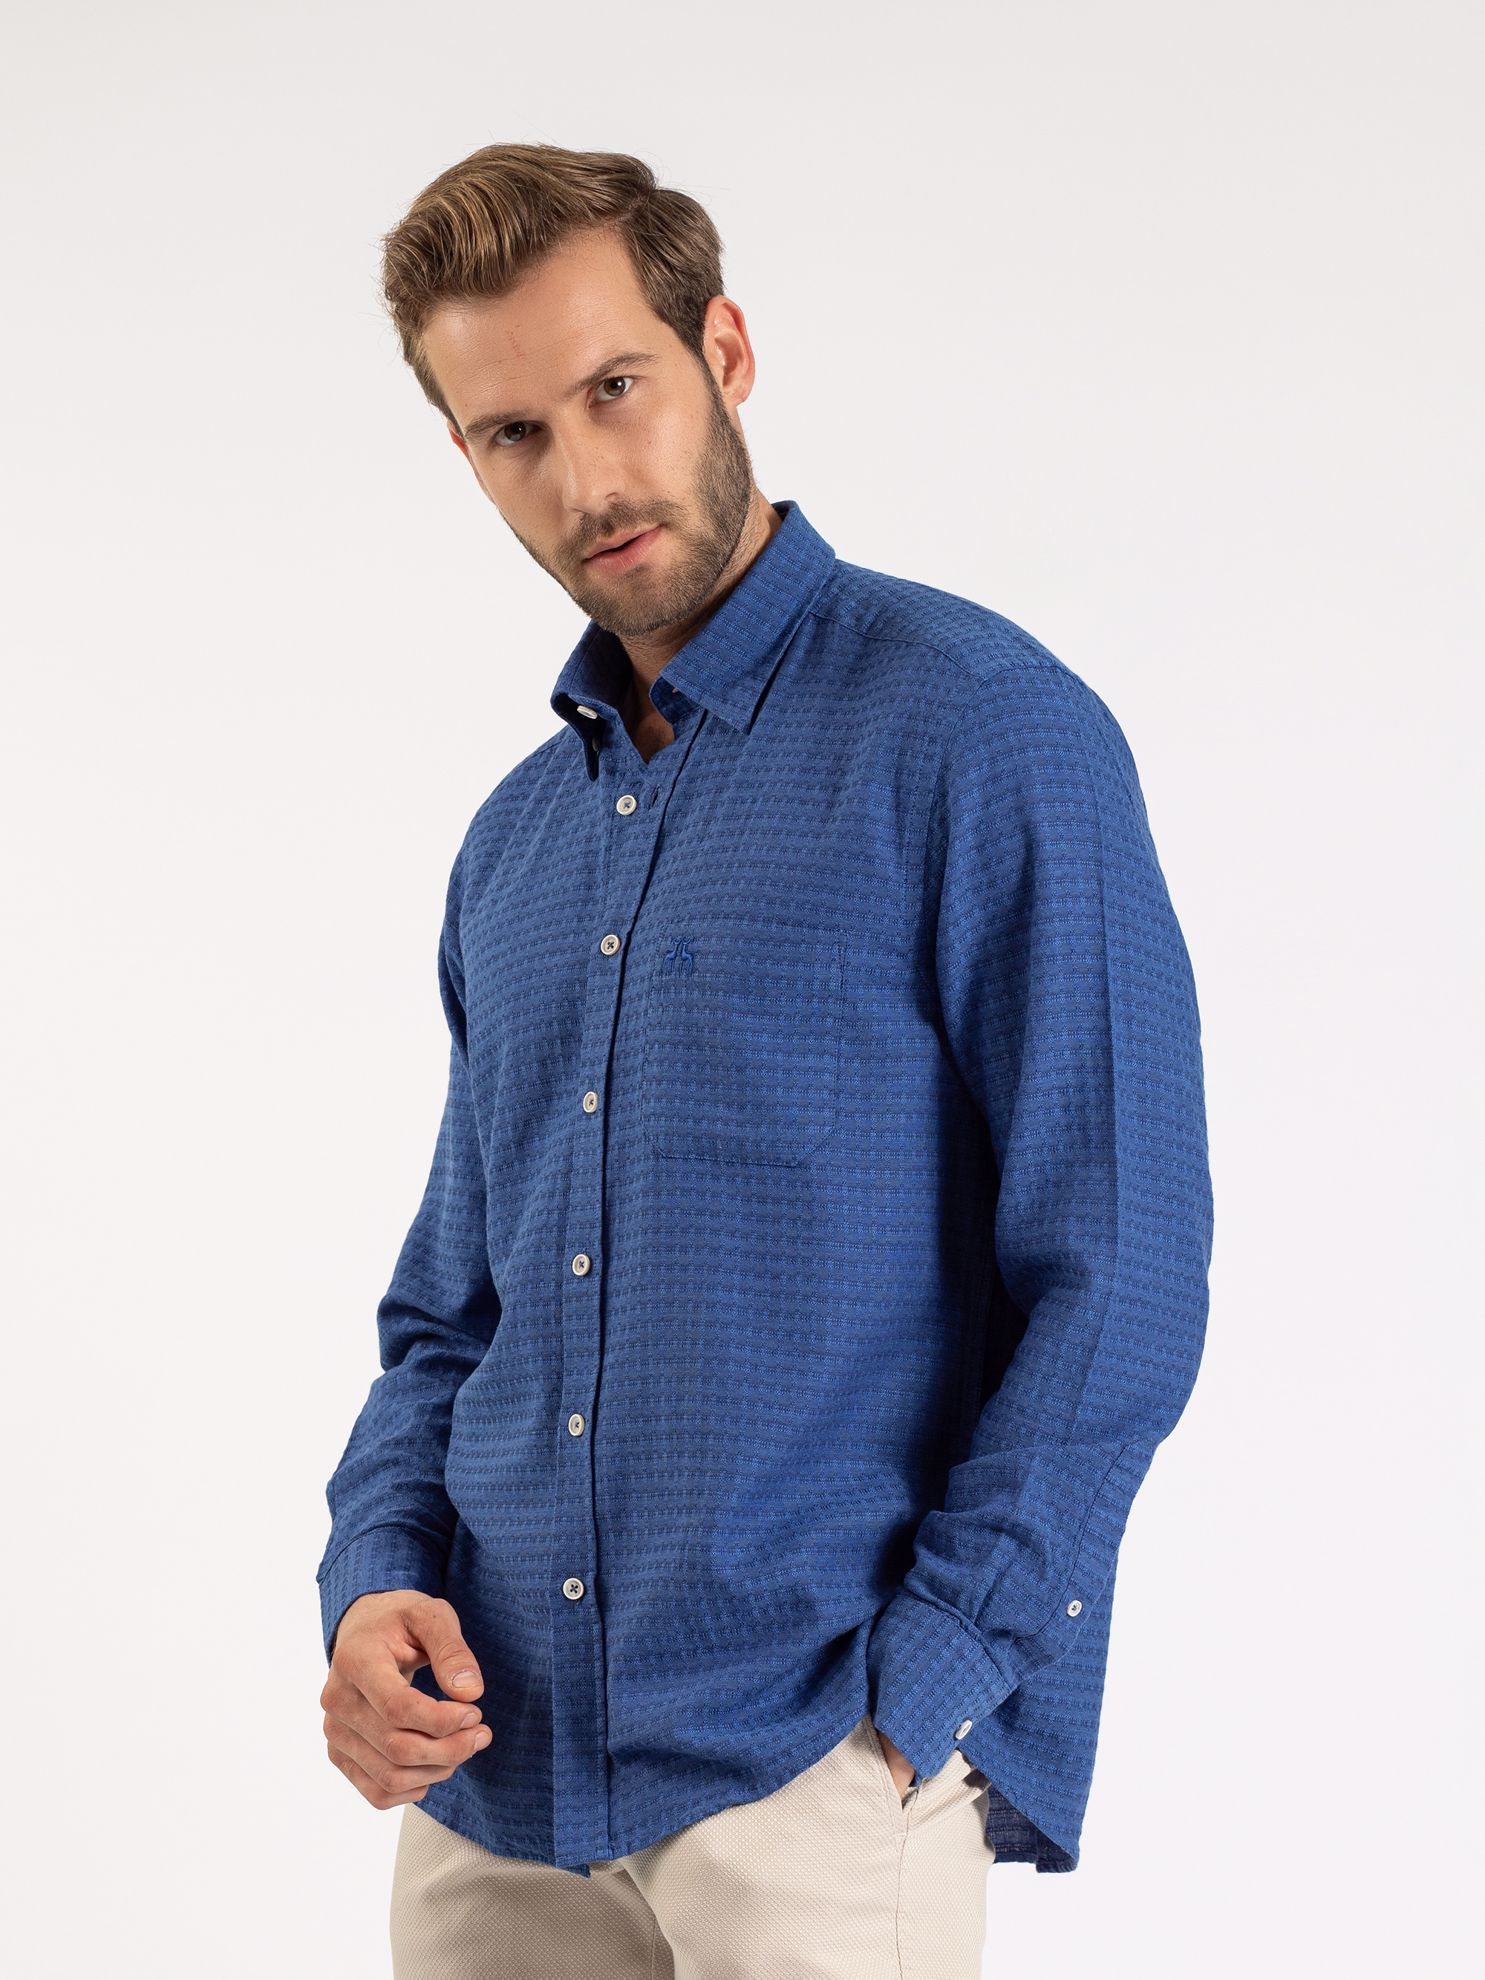 Karaca Erkek Regular Fıt Gömlek-Saks Mavi. ürün görseli